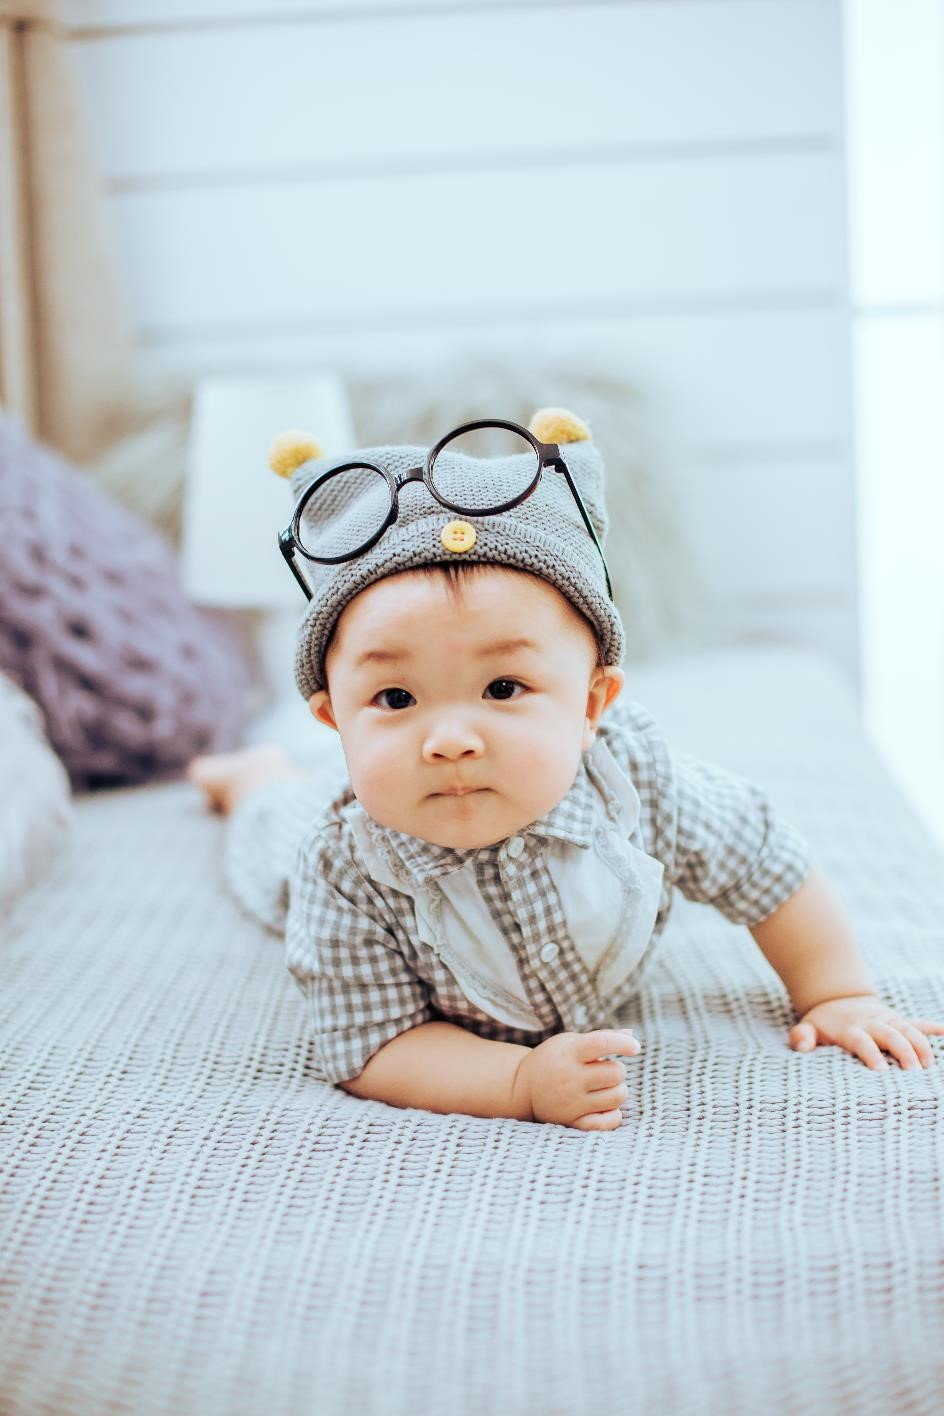 Illustration bébé avec lunettes